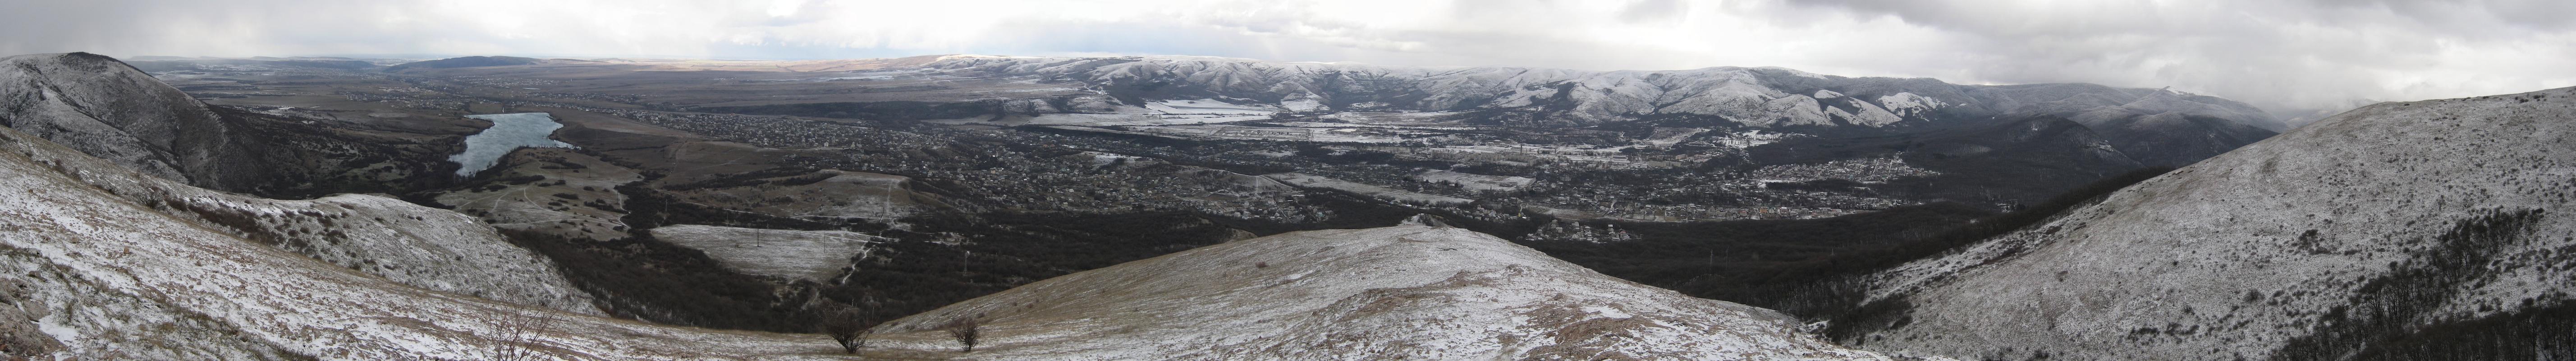 perevelnoe-panorama 3.jpg